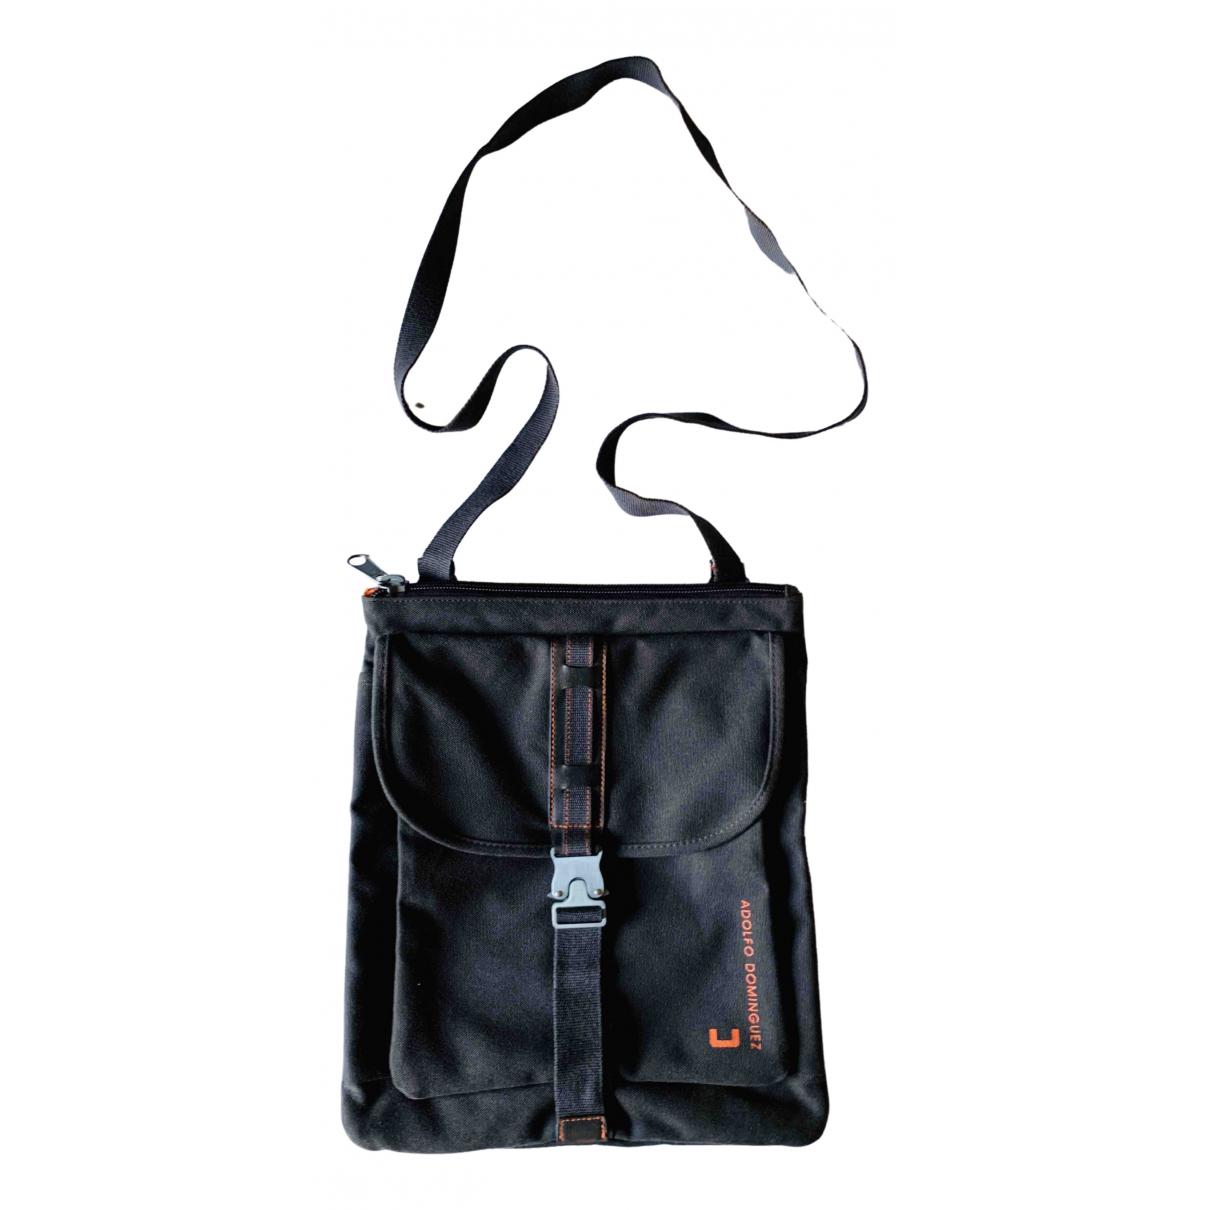 Adolfo Dominguez \N Handtasche in  Braun Leinen